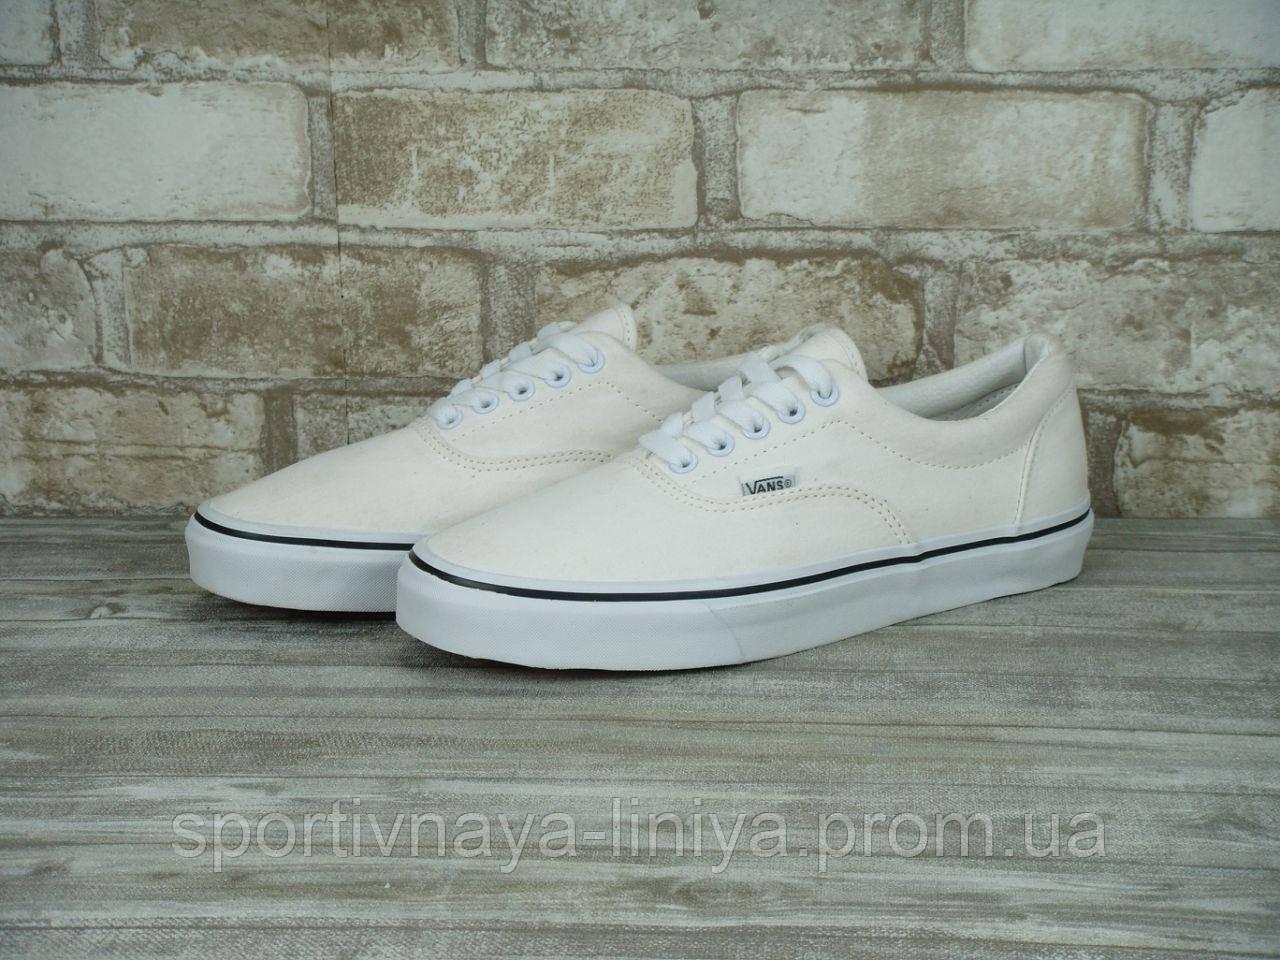 Кеды унисекс белые Vans Era (реплика) - Магазин стильной и модной одежды в  Полтаве 6afd46f5cf1